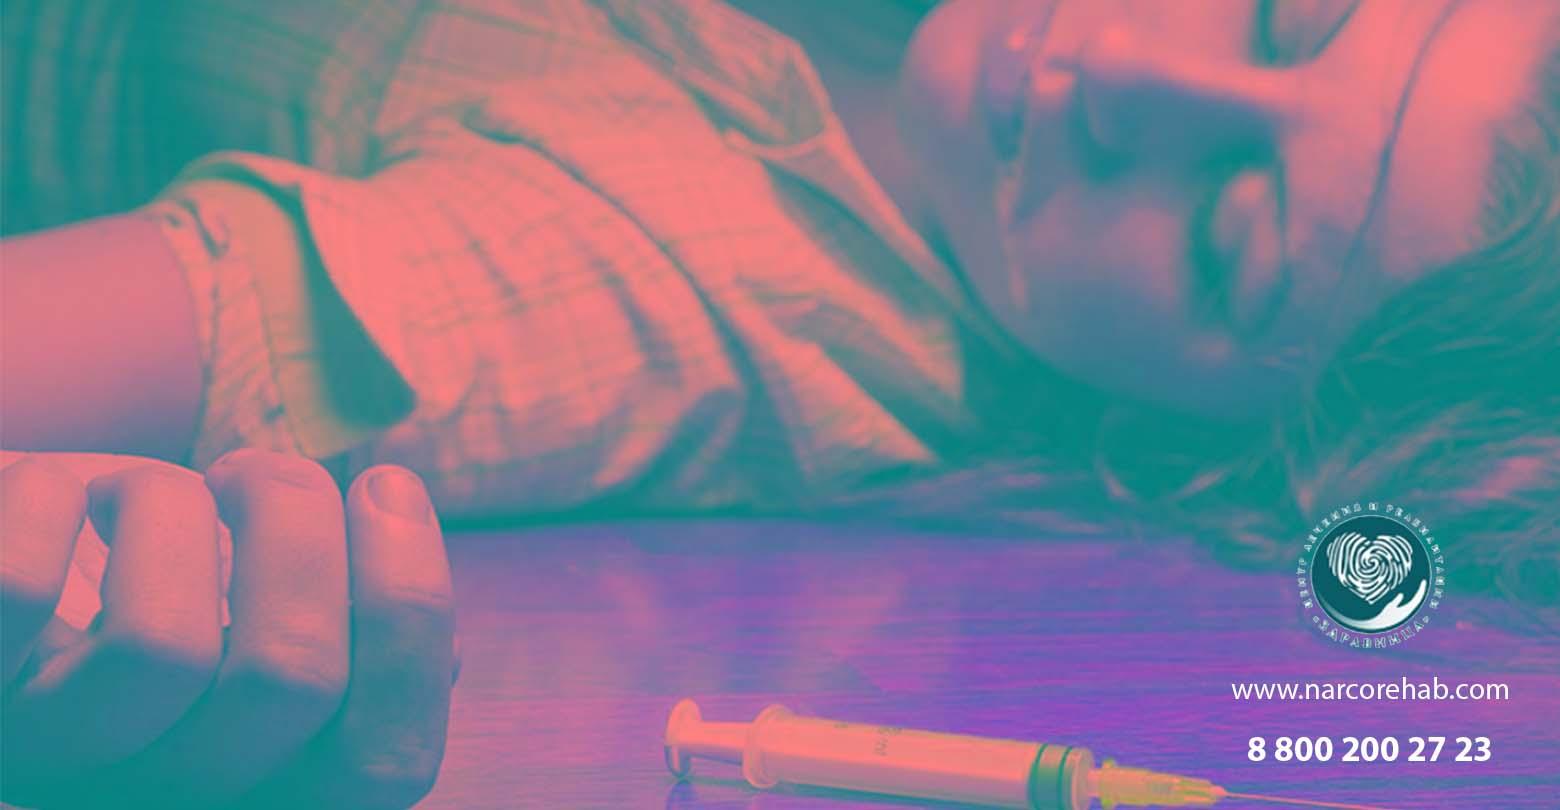 Наркозависимость: причины, виды и последствия